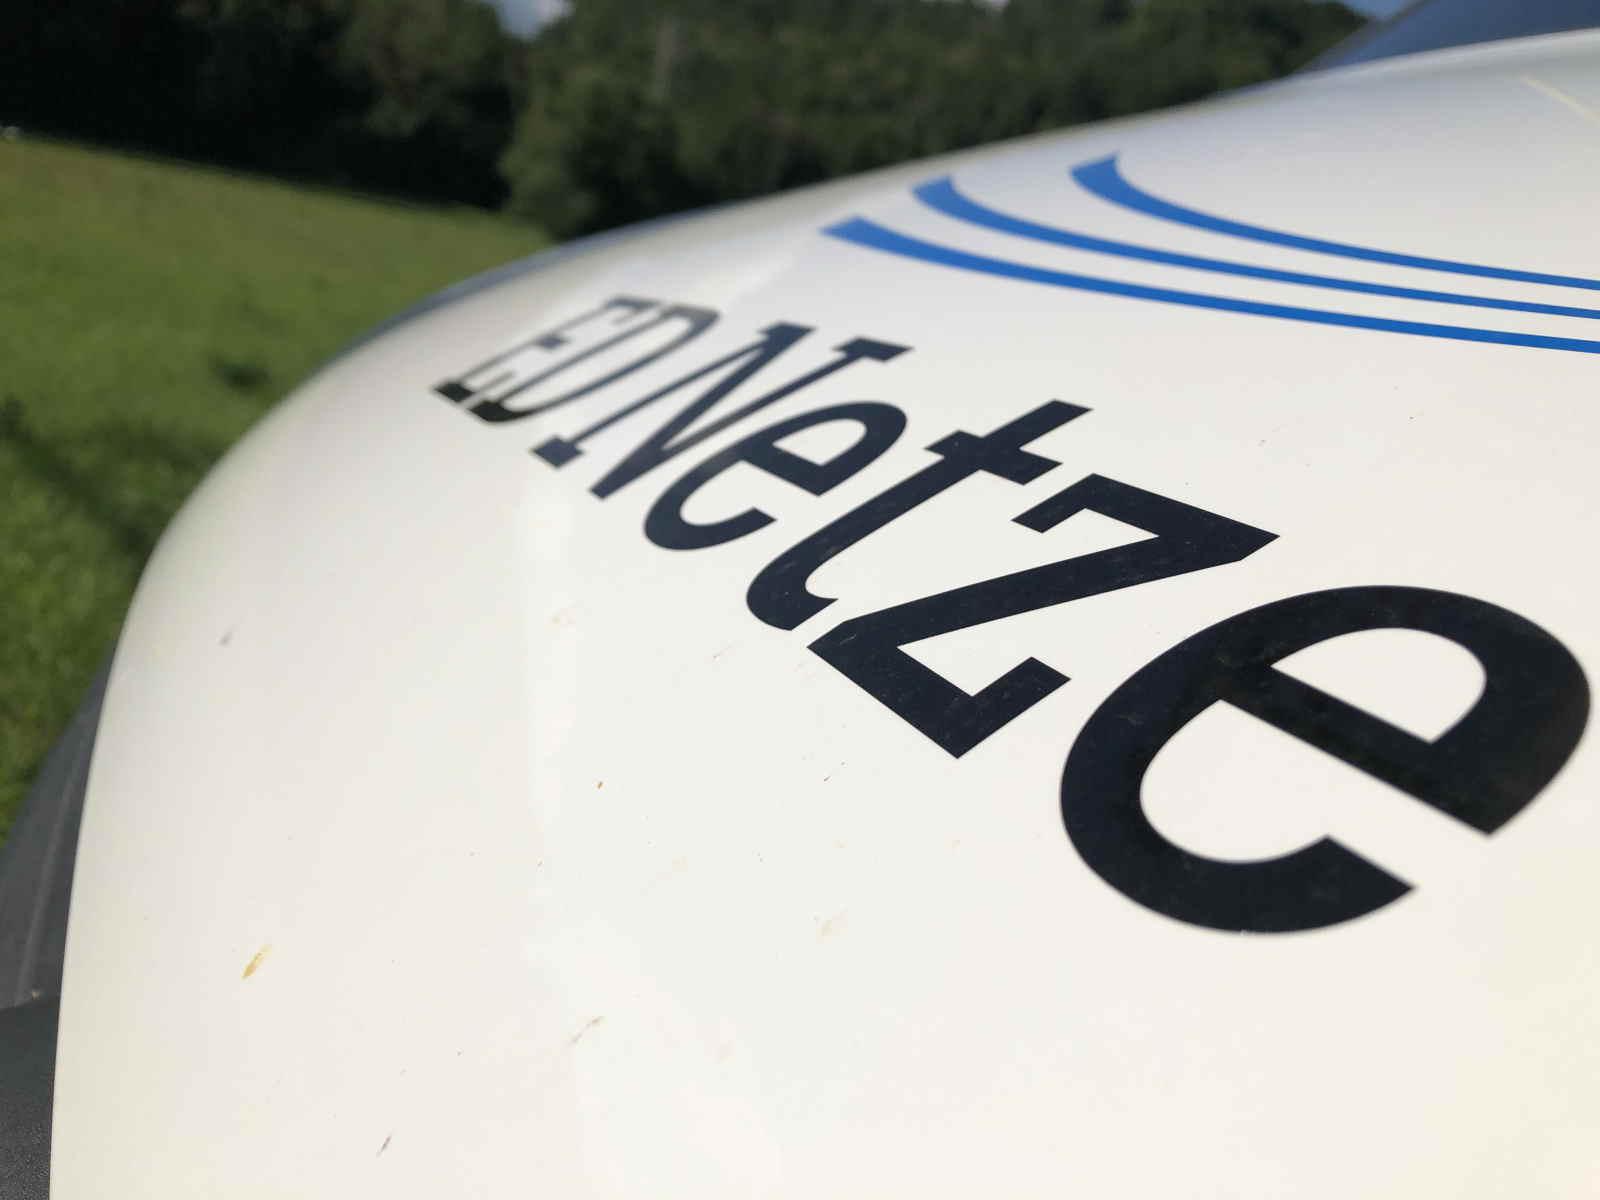 Im Netzgebiet der ED Netze gibt es unter anderem 530 Kilometer 110-Kilovolt-Freileitungen, über die das Verteilnetz des südbadischen Netzbetreibers gespeist wird – etliche davon in schwer zugänglichem Gelände. Zum vorgesehenen Kontrollpunkt oder Leitungsabschnitt geht es für die Inspektion per Einsatzwagen so nah ran wie möglich. Es gilt: Jeder Multikopterflug muss angemeldet werden und bedarf einer einsatzbezogenen Flugerlaubnis.